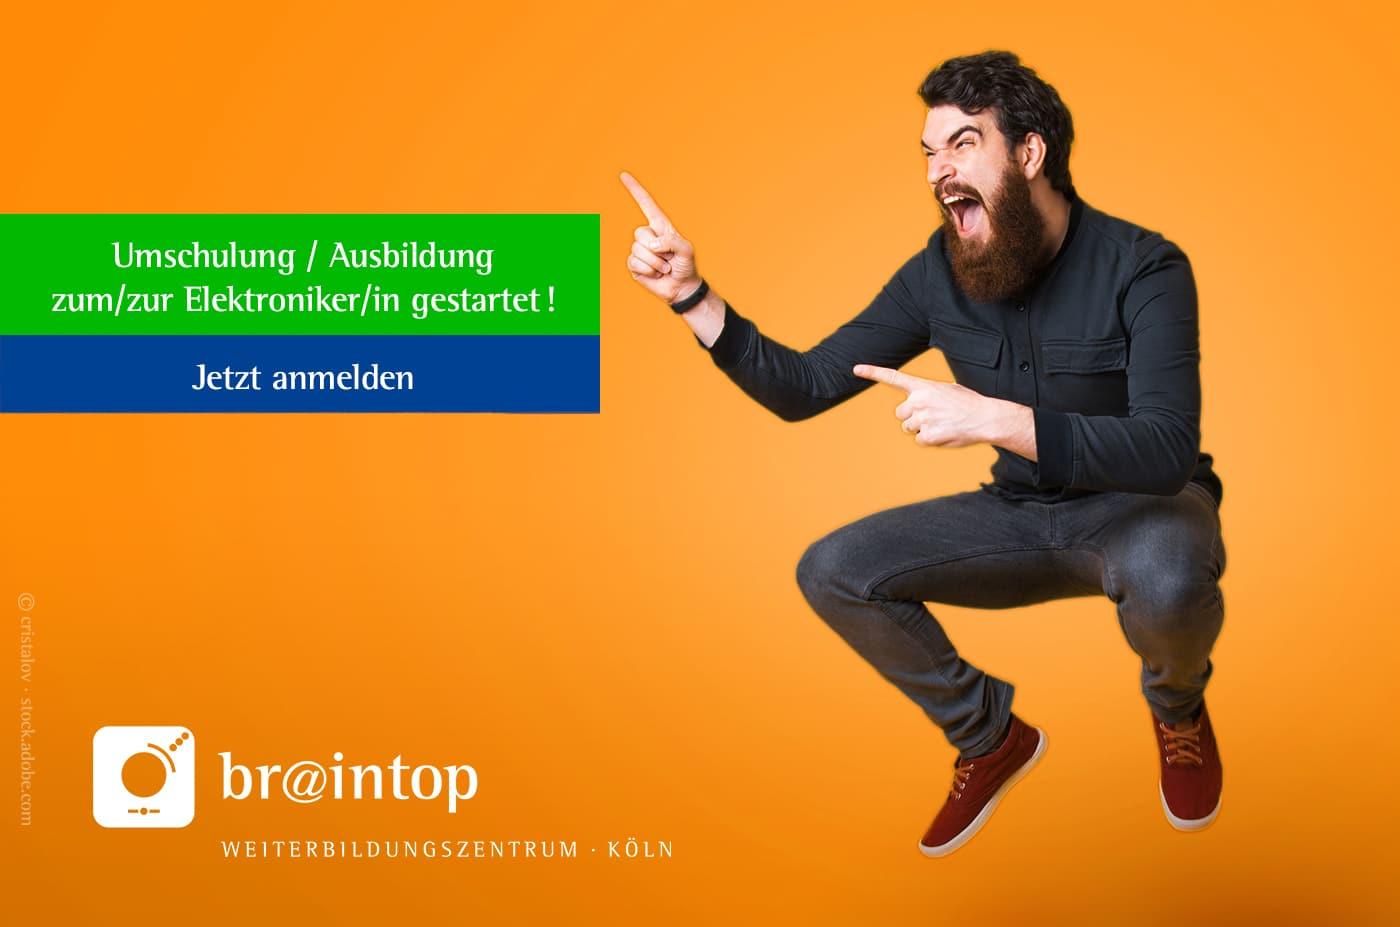 Weiterbildung Zentrum Köln · BRAINTOP Umschulung Ausbildung > Elektroniker